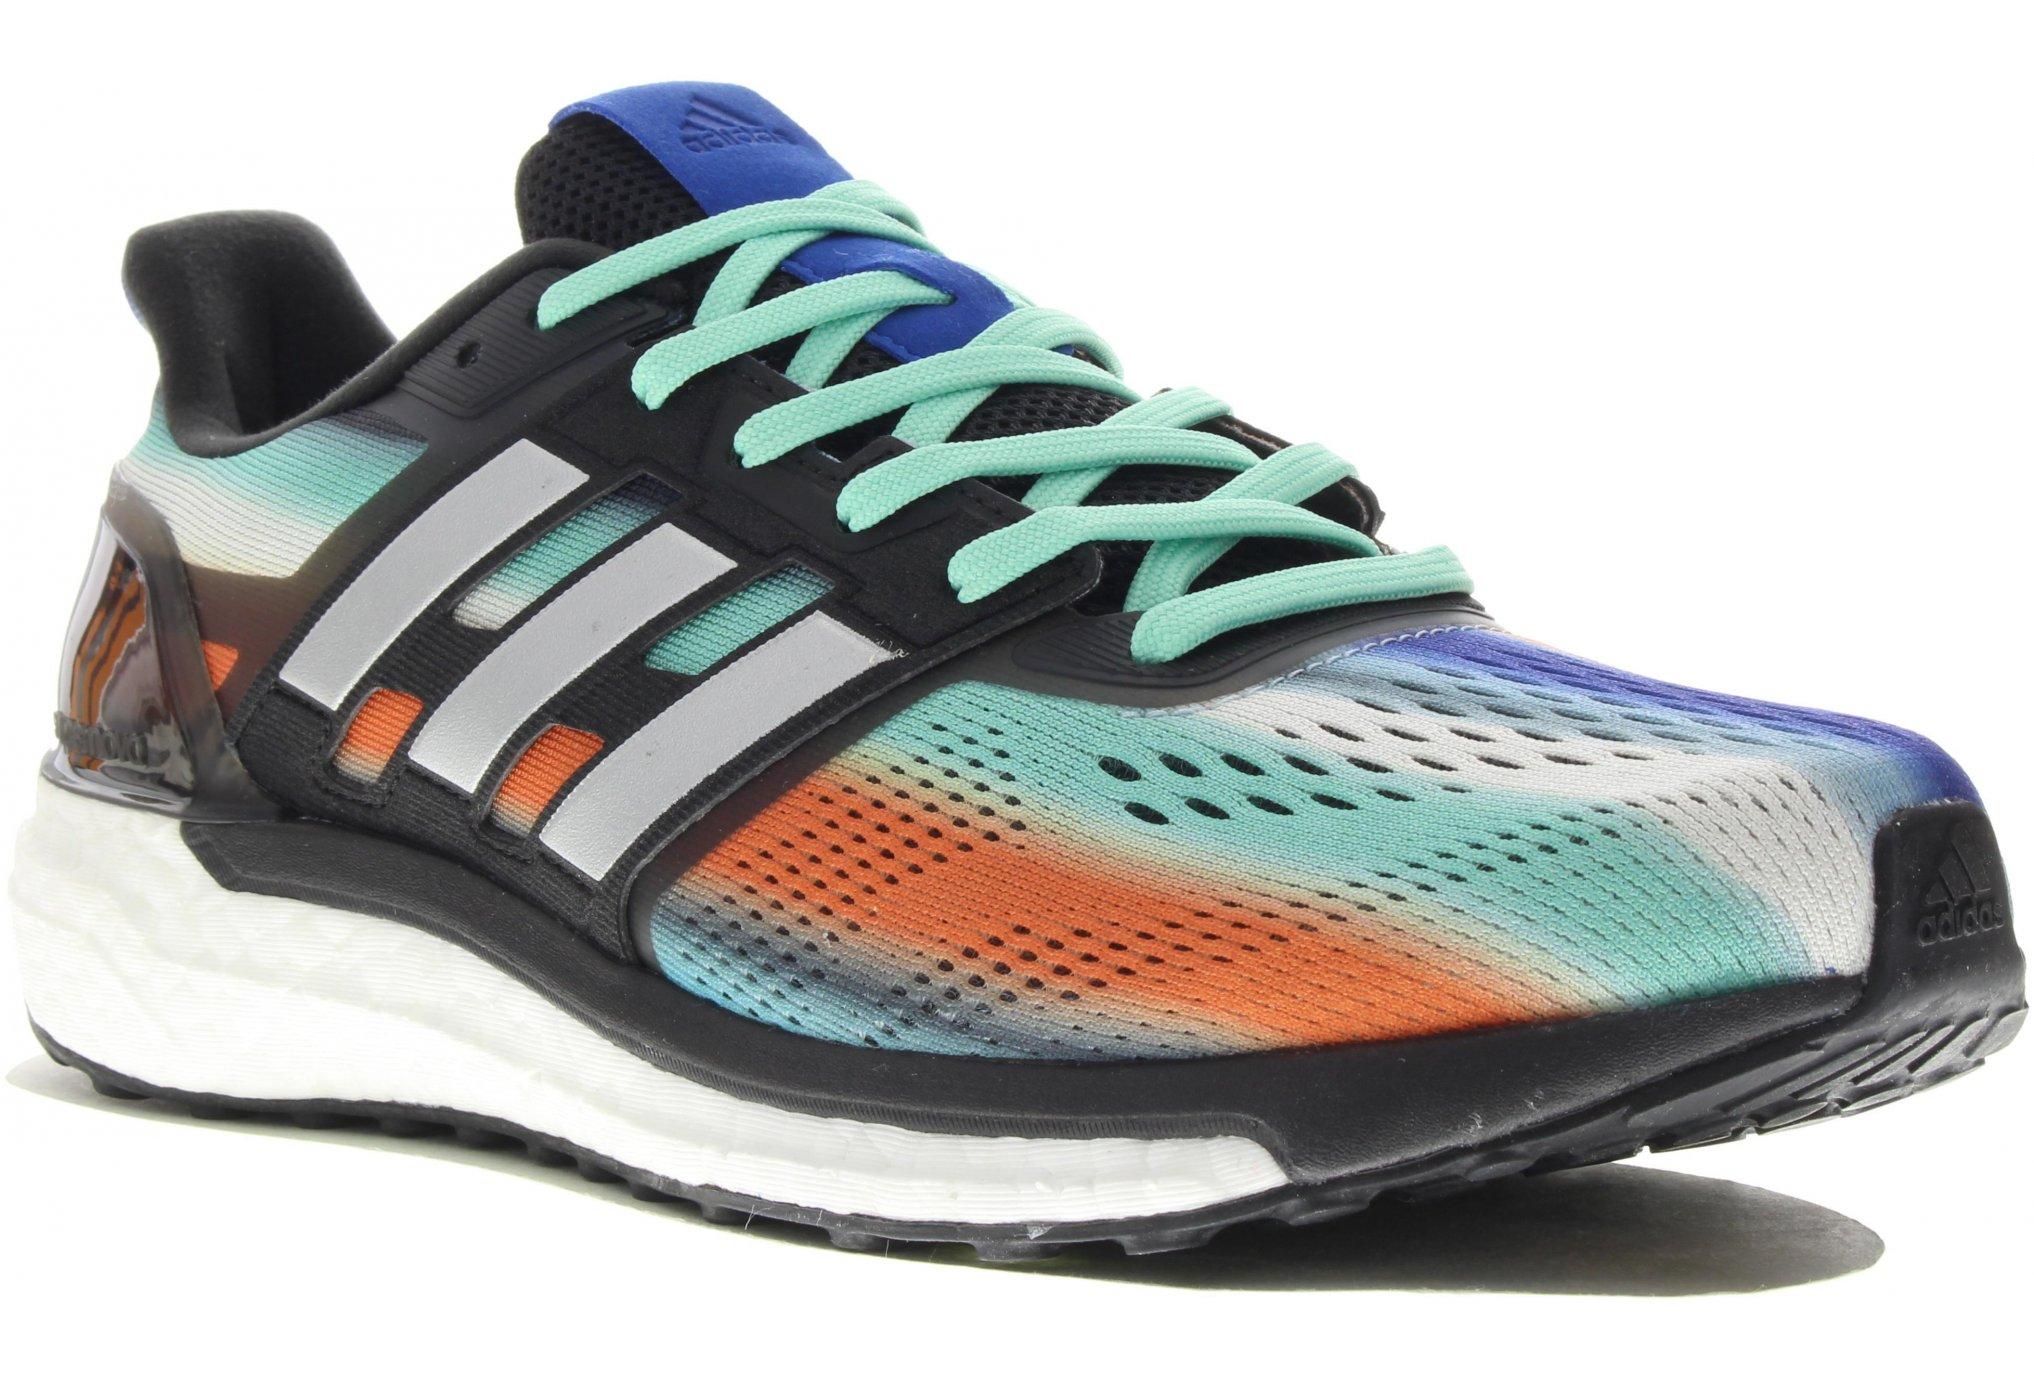 74183b4d7cb Chaussures pour le marathon en soldes – U Run